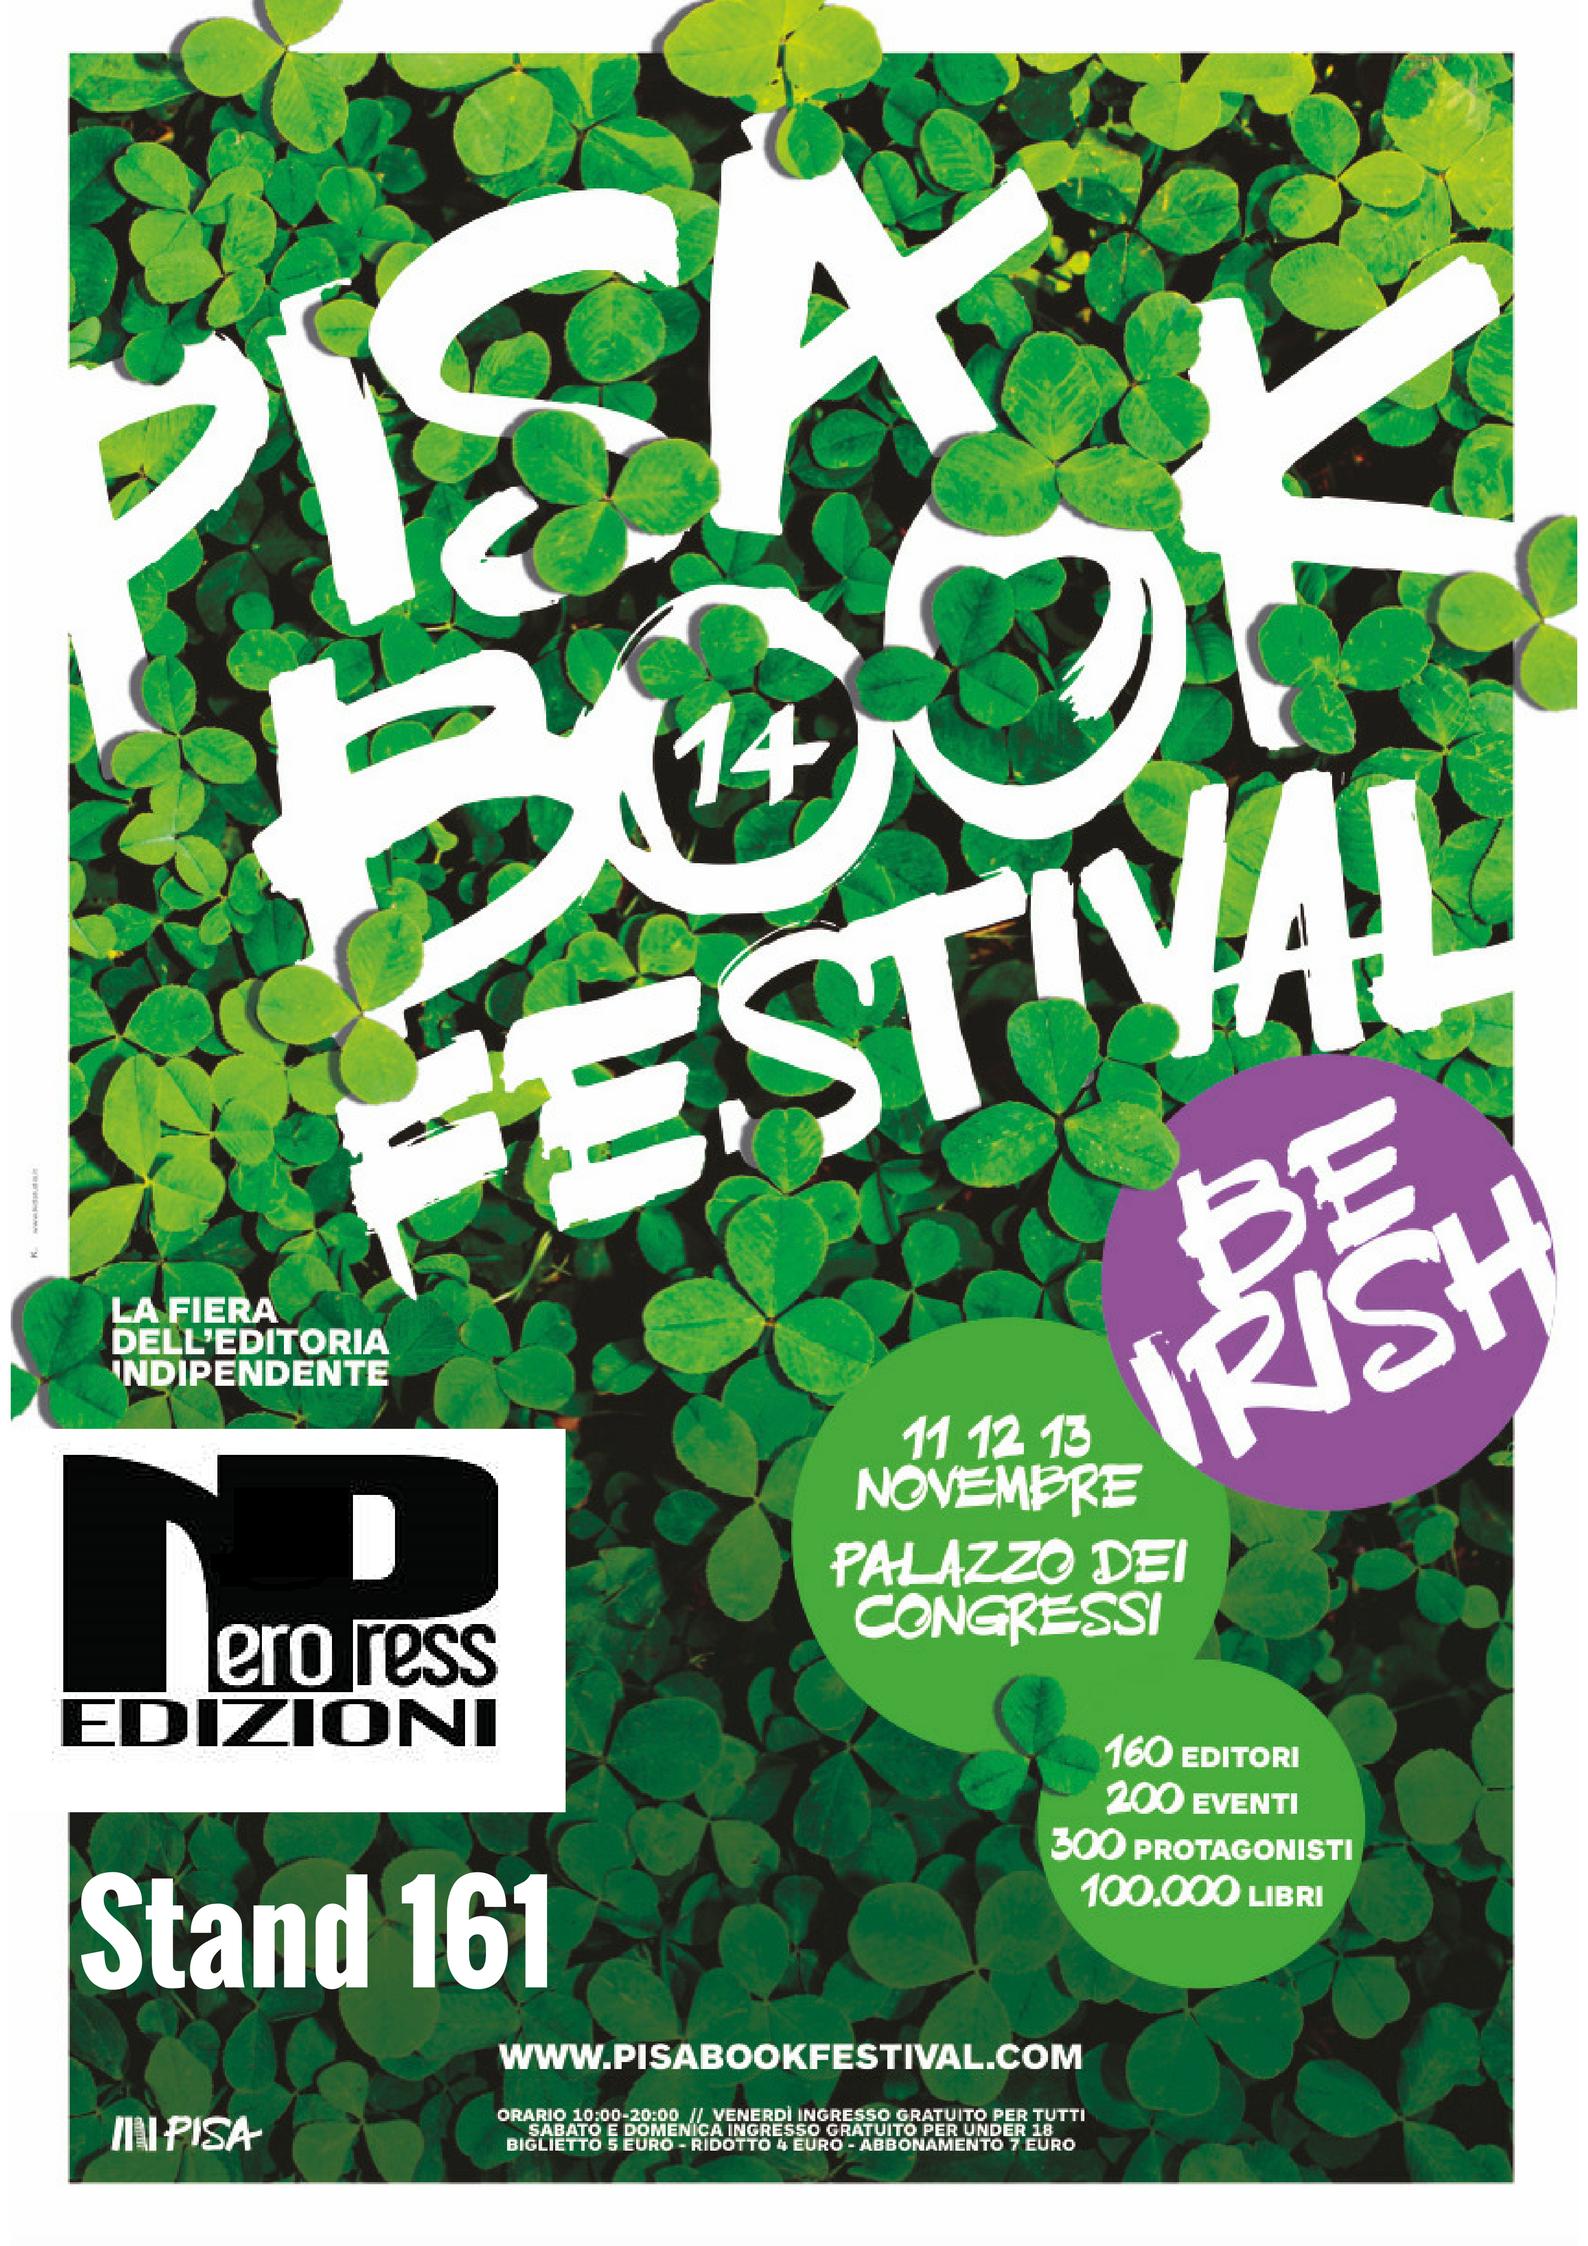 Nero Press al Pisa Book Festival 2016 - Nero Press Edizioni 35eaf23a50b